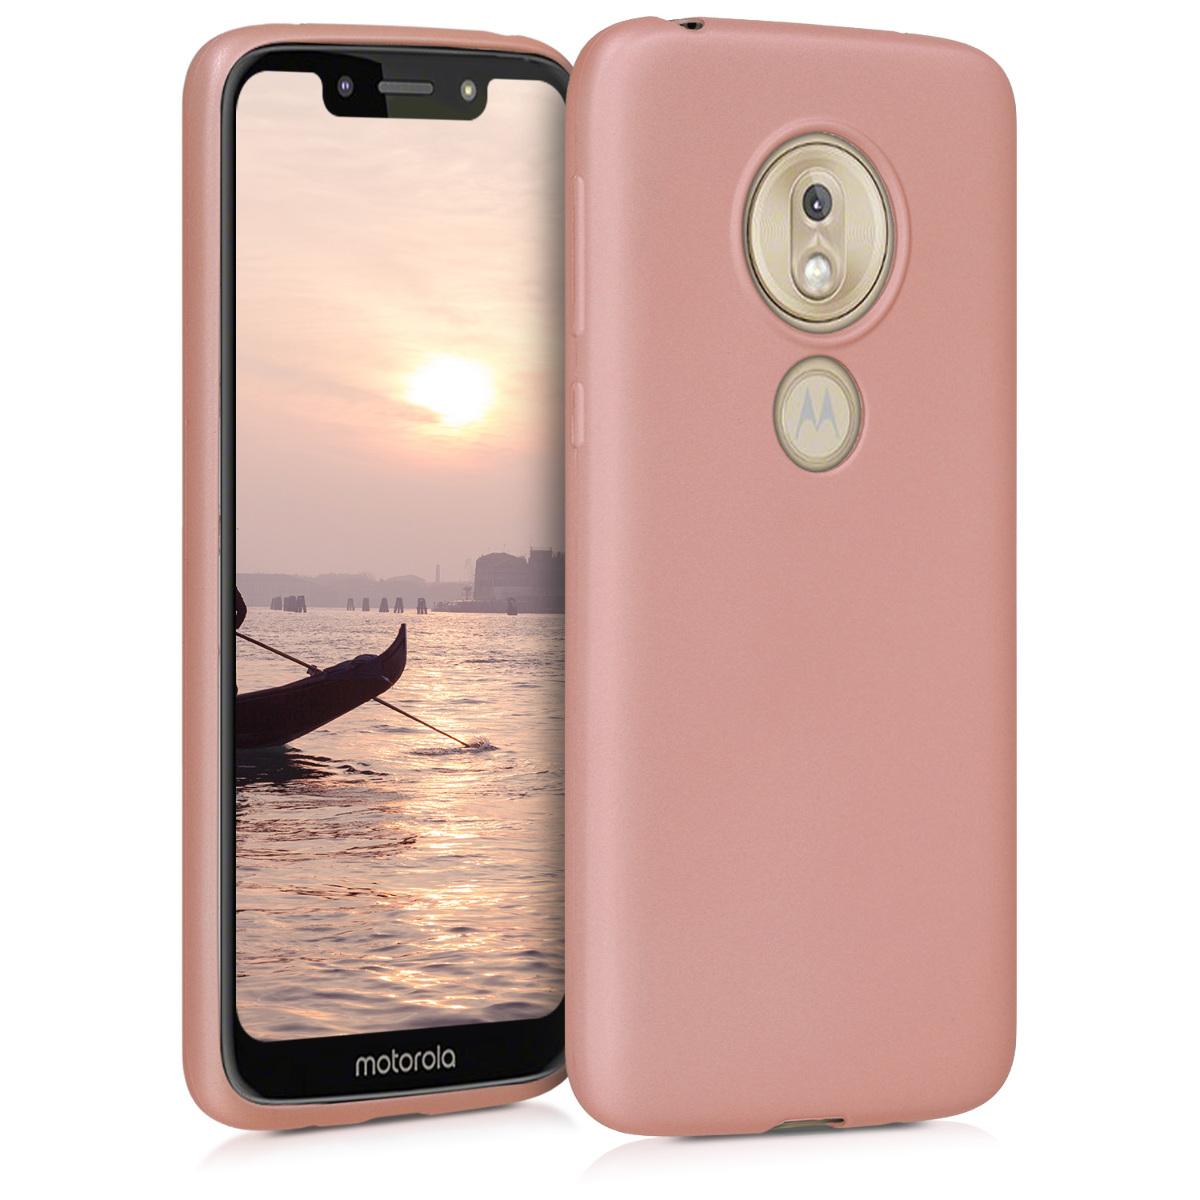 KW Θήκη Σιλικόνης Motorola Moto G7 Play - Metallic Rose Gold (47753.31)